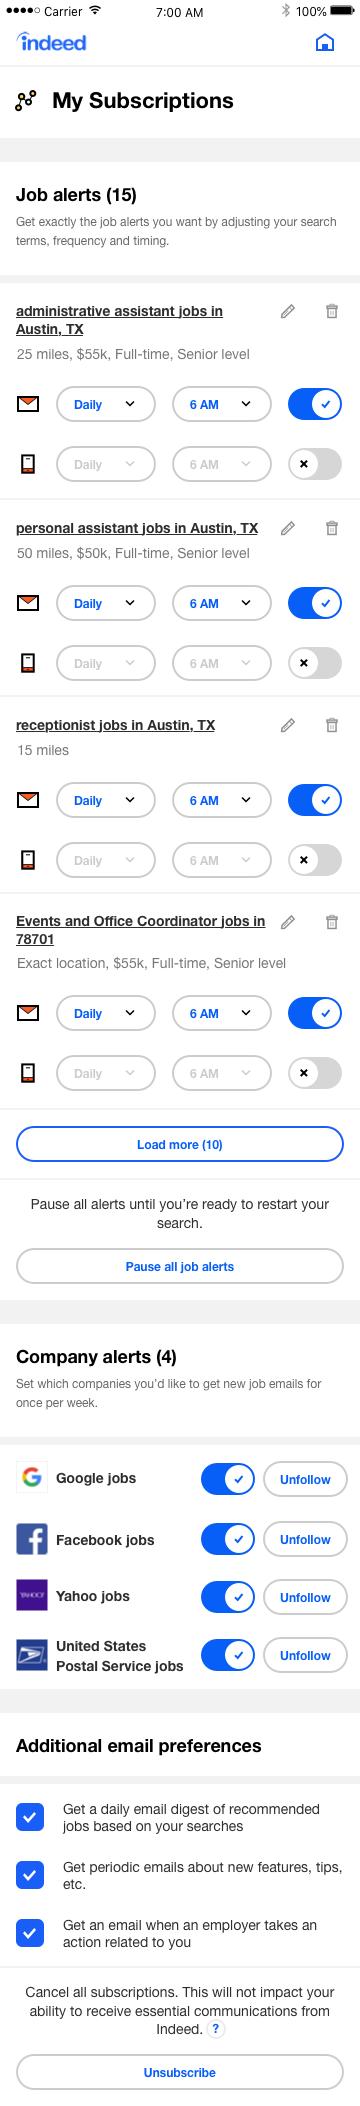 Subway Web App 2.0 V2 - Mobile 2.png